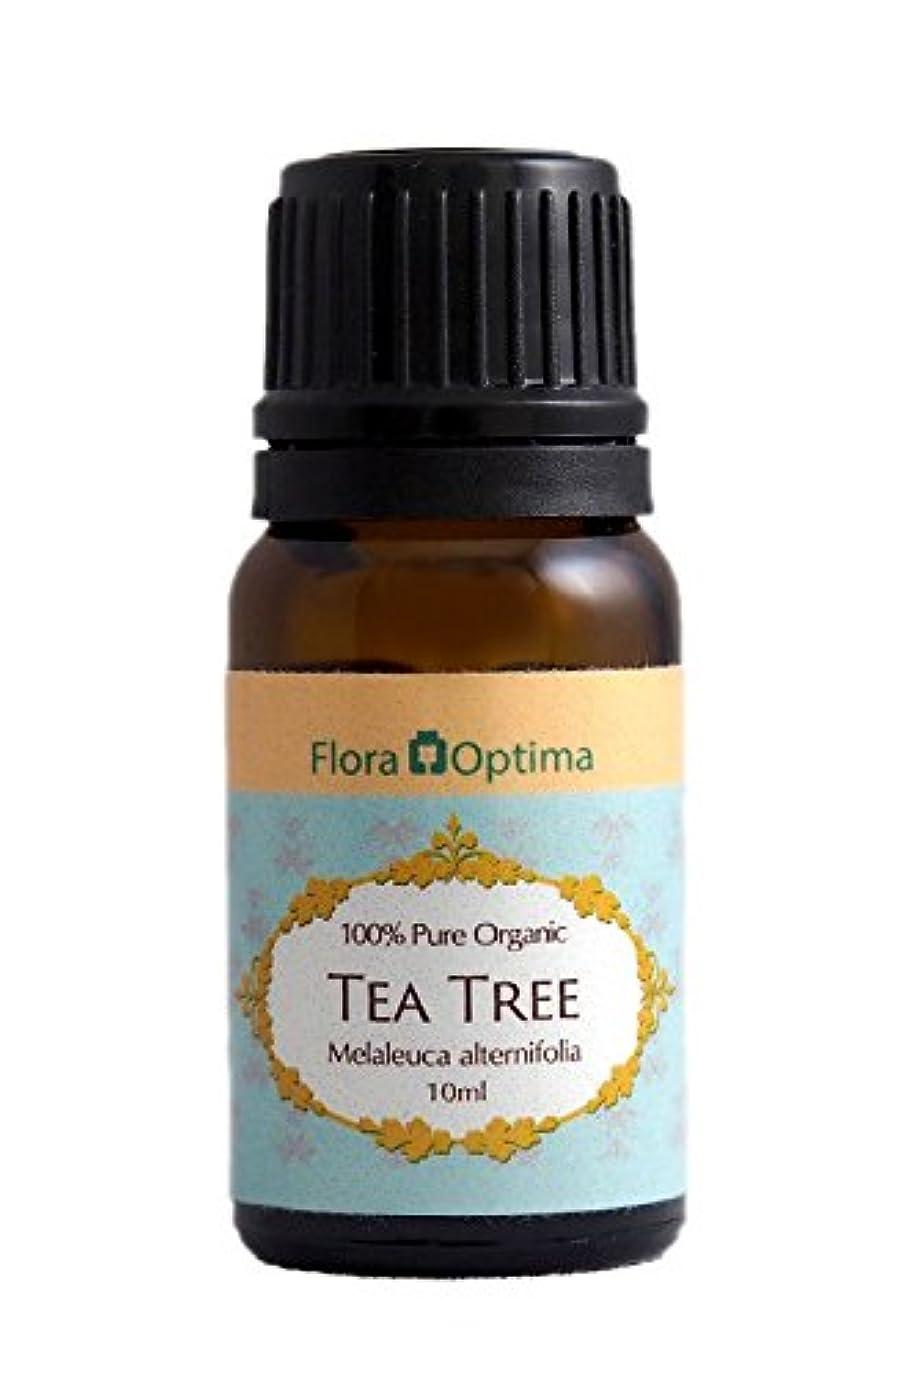 ファンタジー関係ない配管オーガニック?ティーツリーオイル(Tea Tree Oil) - 10ml - … …